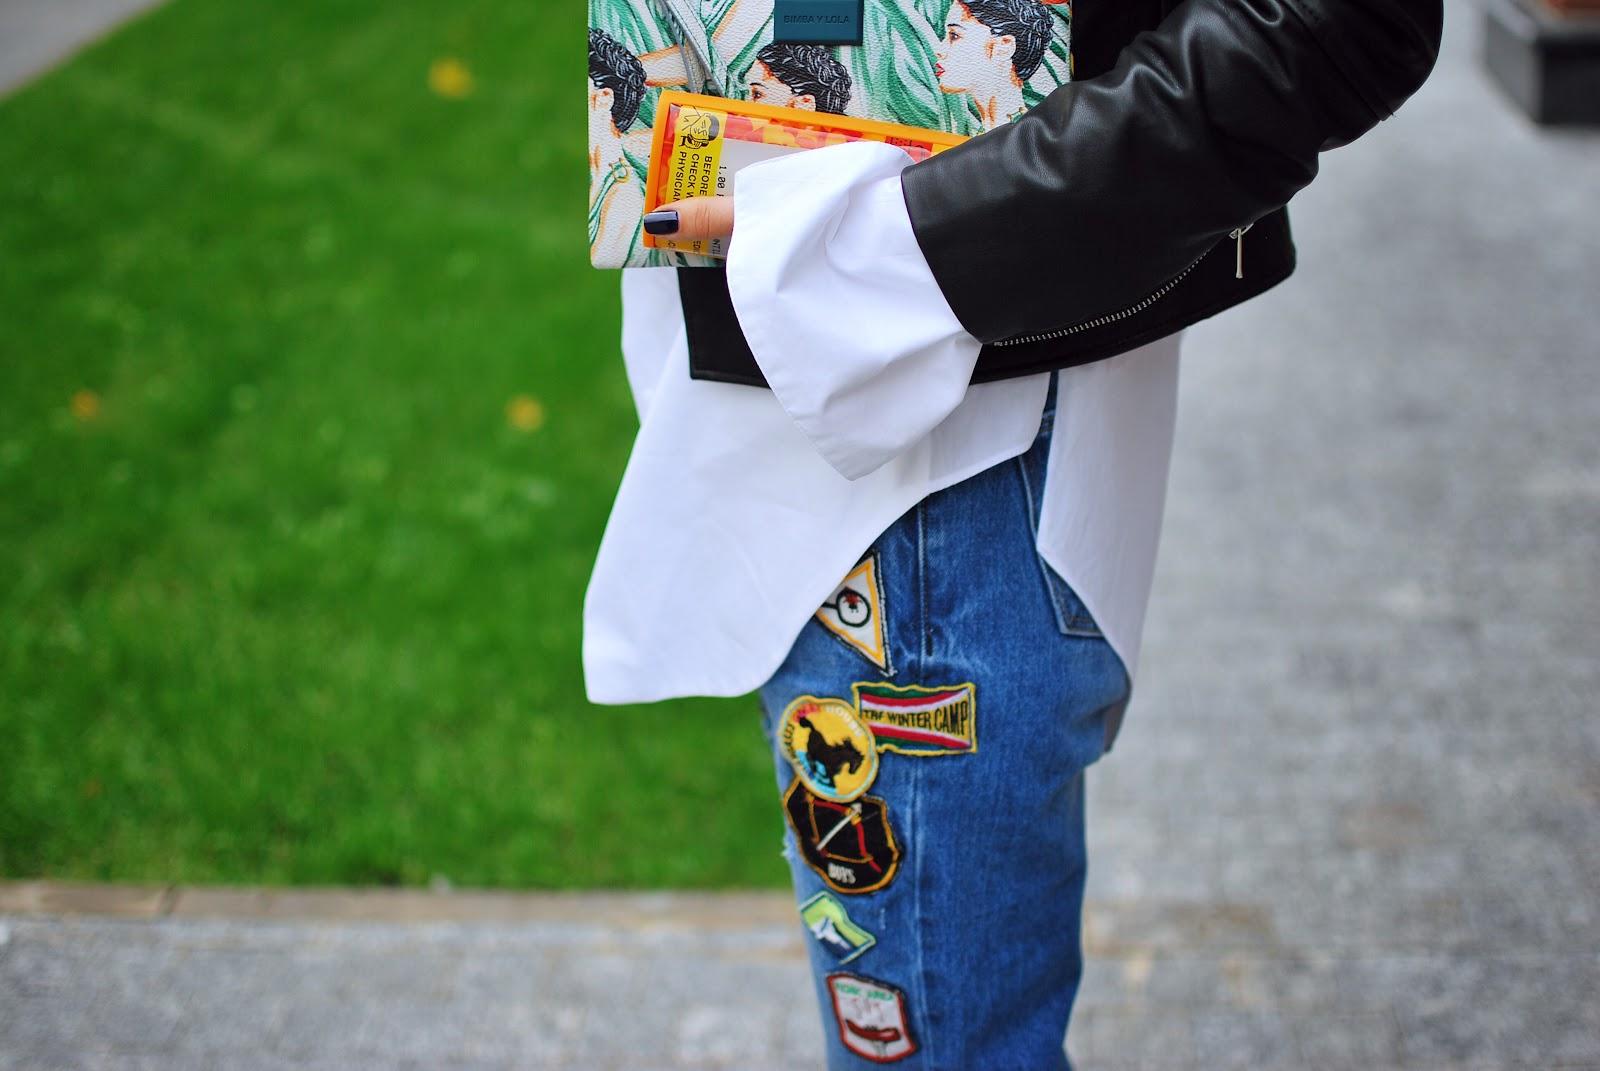 street fashion details, denim patches, jeans patches, джинсы с нашивками, с чем надеть джинсы, costa de la moda